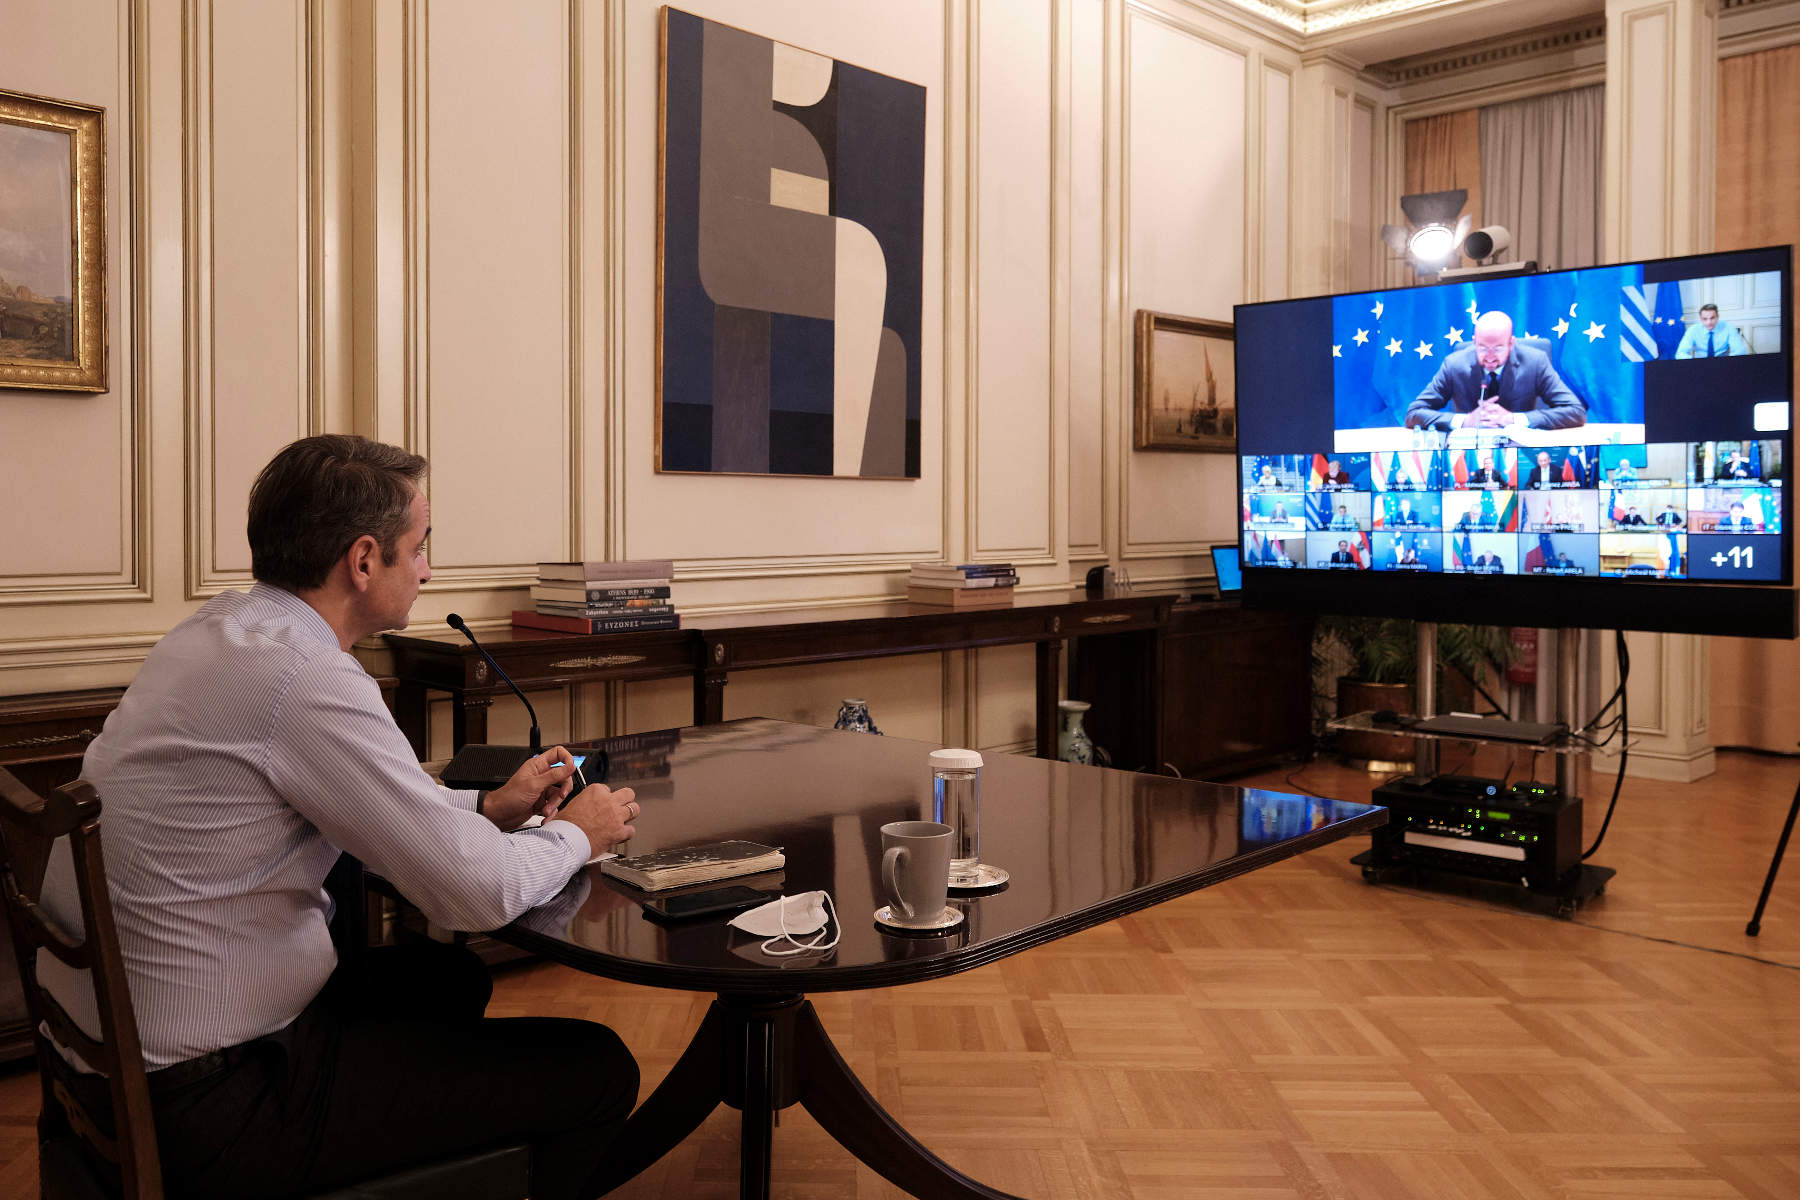 Μητσοτάκης σε τηλεδιάσκεψη ηγετών της ΕΕ: «Μέτρα στήριξης και για το πρώτο τρίμηνο του 2021»